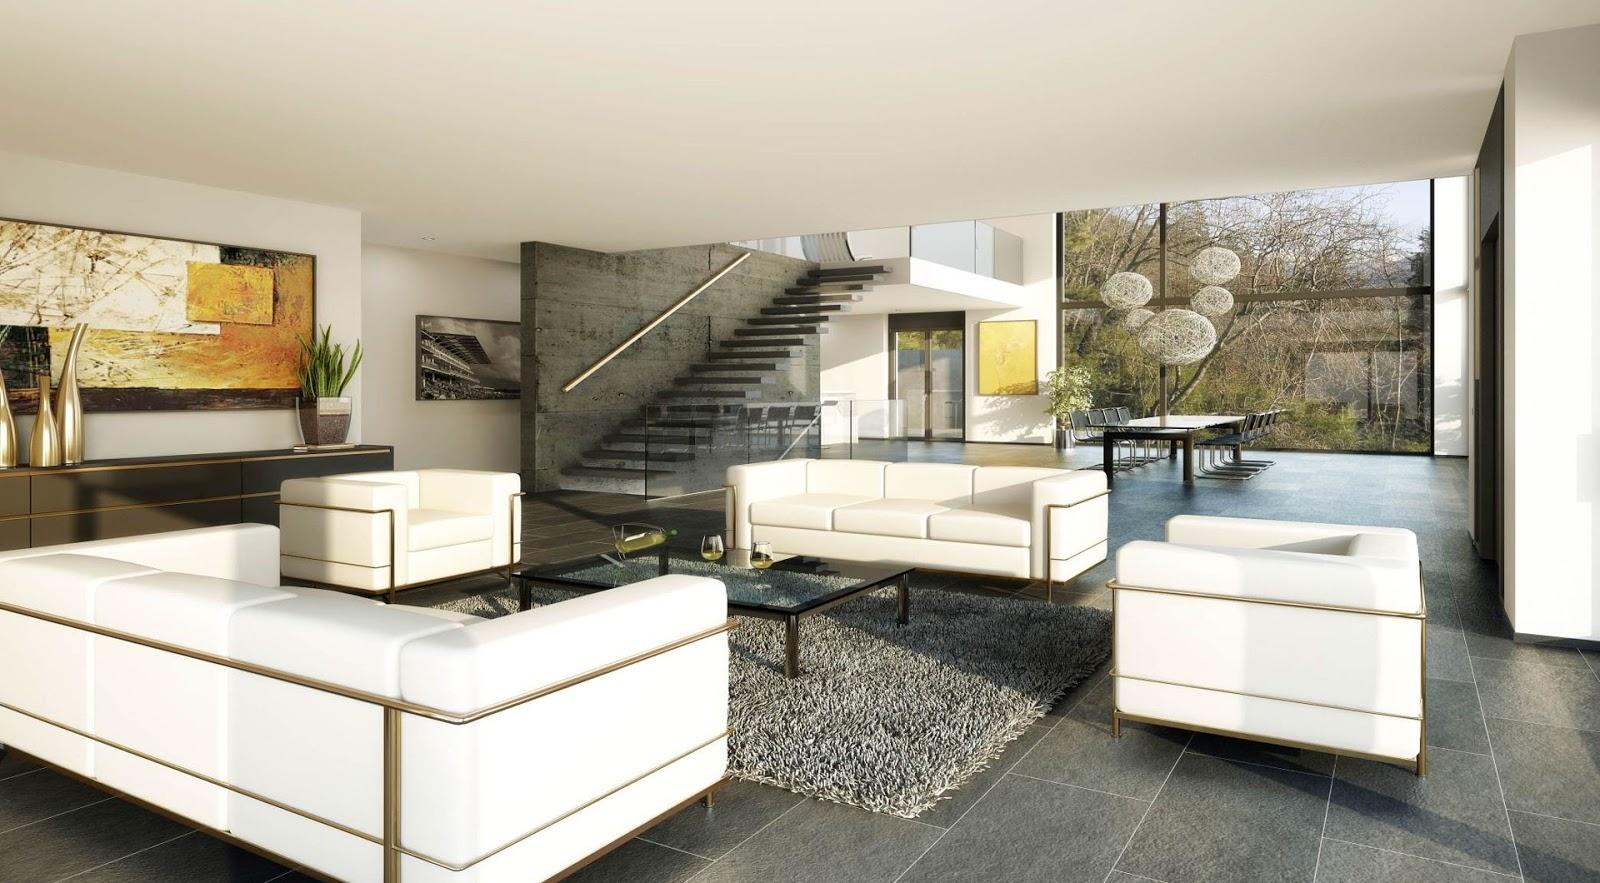 08 01 2011 09 01 2011 - La casa piu costosa del mondo ...